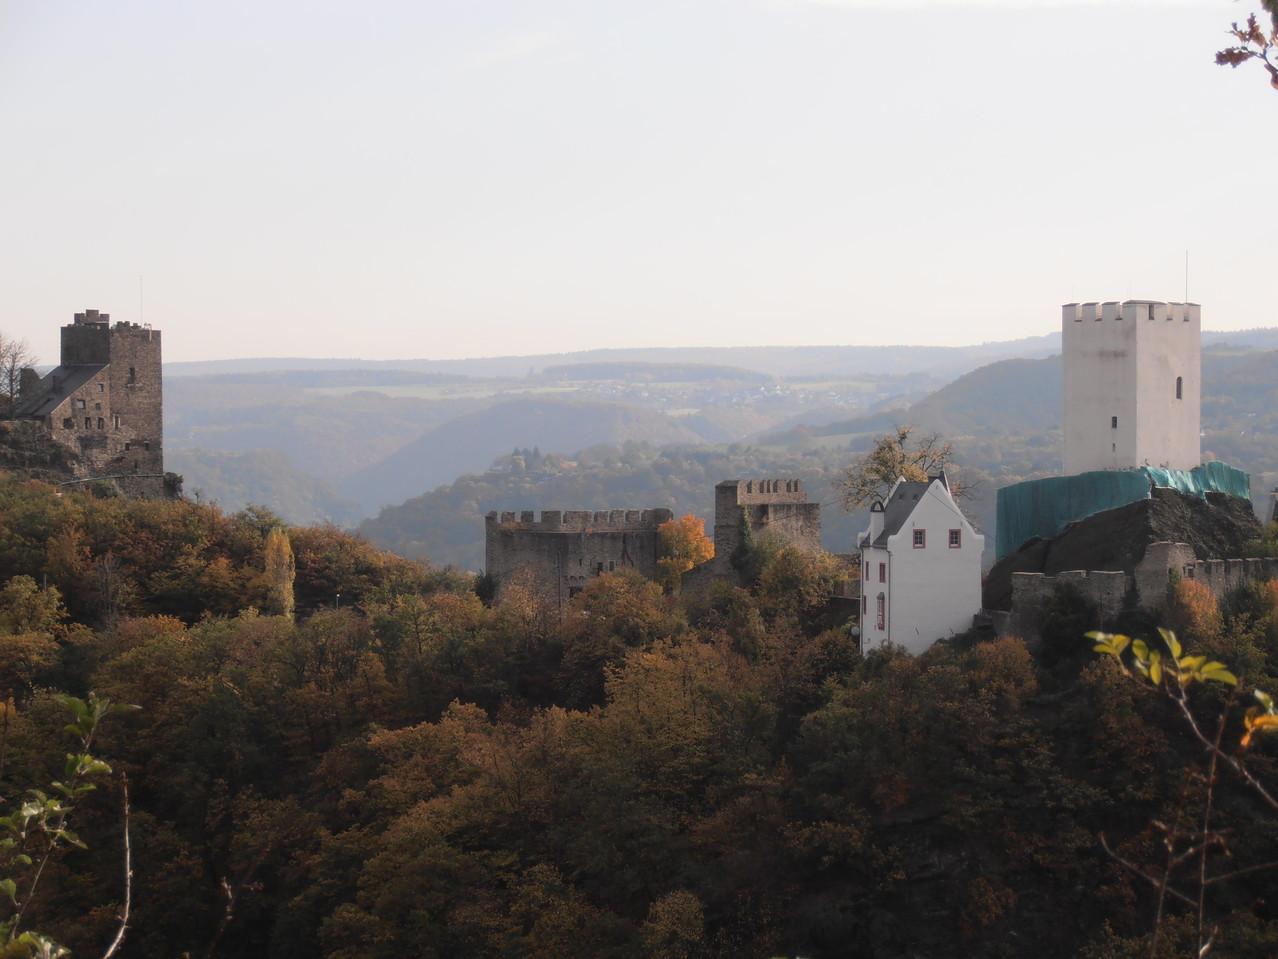 Am Ende der Himmelswiese die Sterrenberg und die Liebenstein